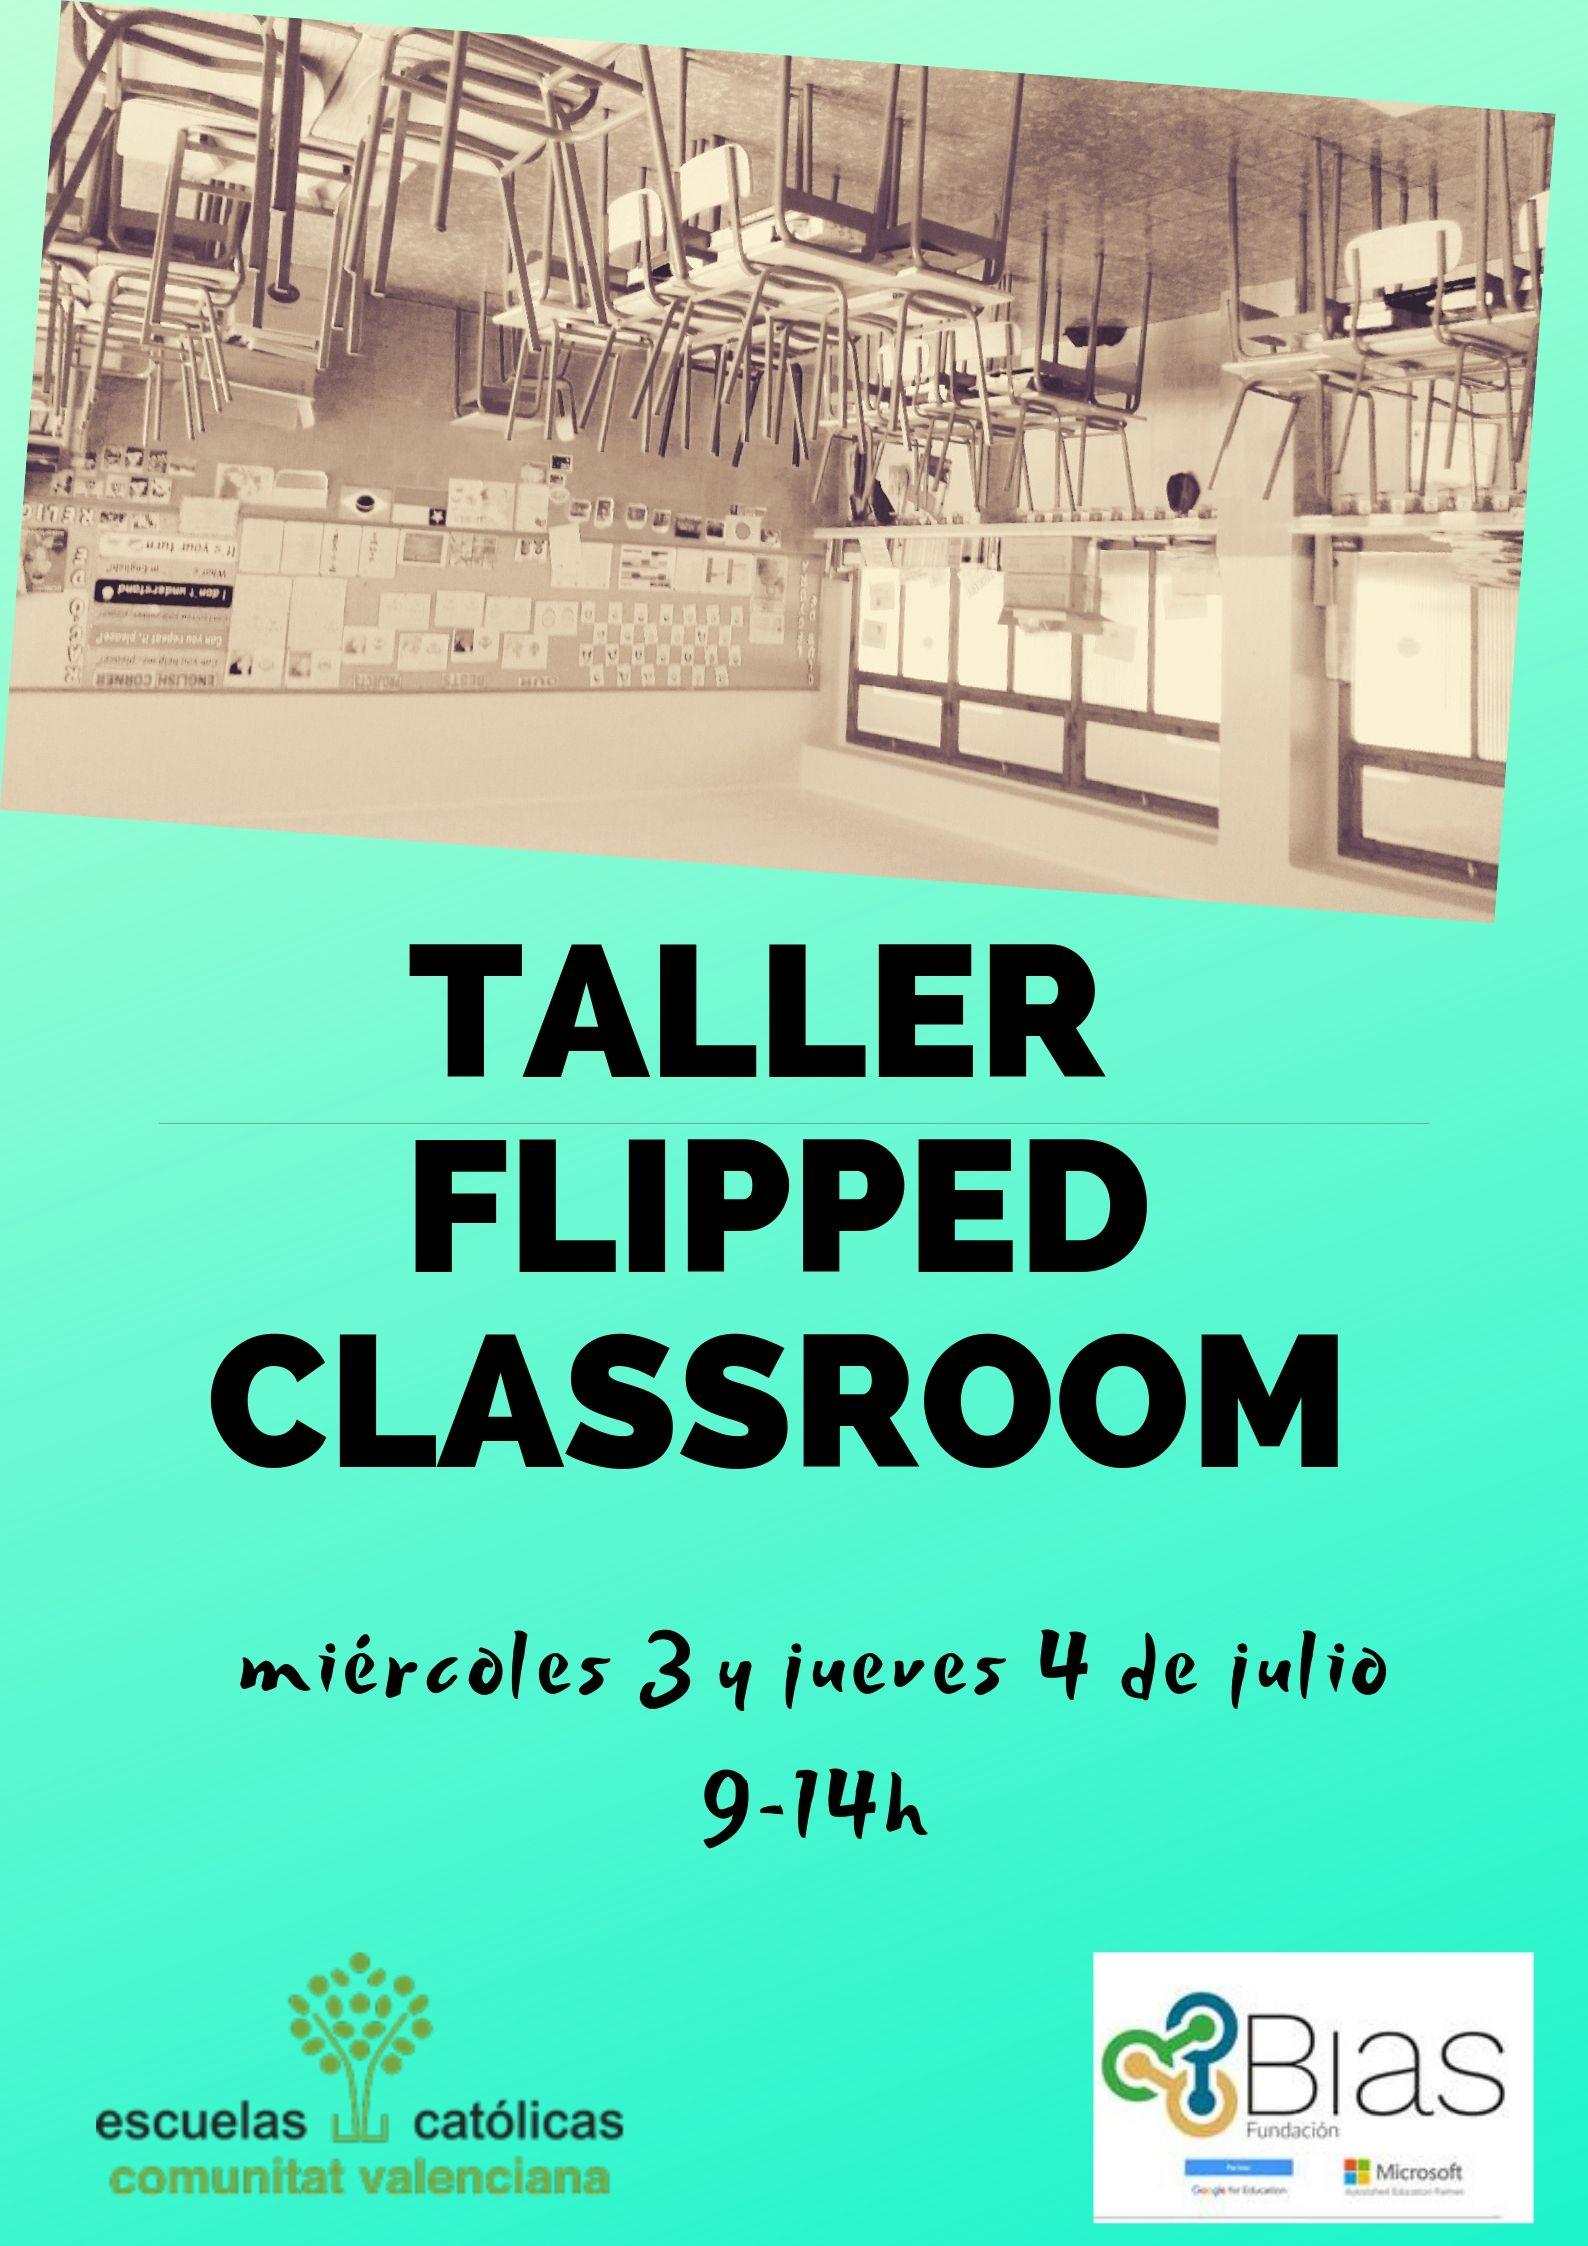 taller flipped